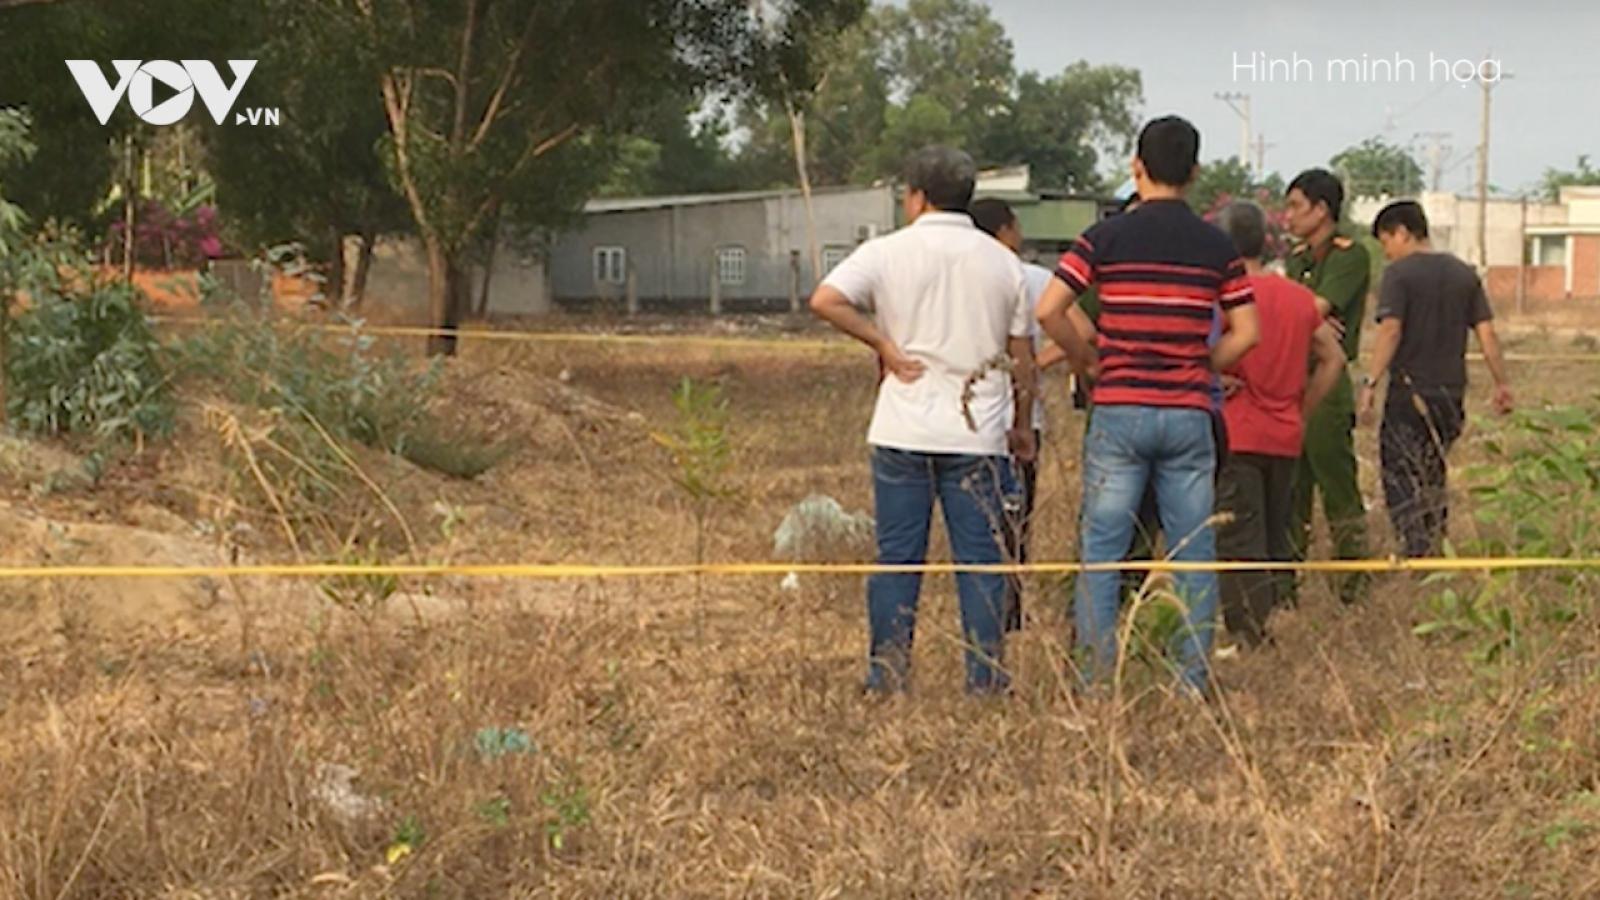 Nóng 24h: Hàng xóm U80 nhiều lần hiếp dâm 2 bé gái 8 tuổi ở Yên Bái